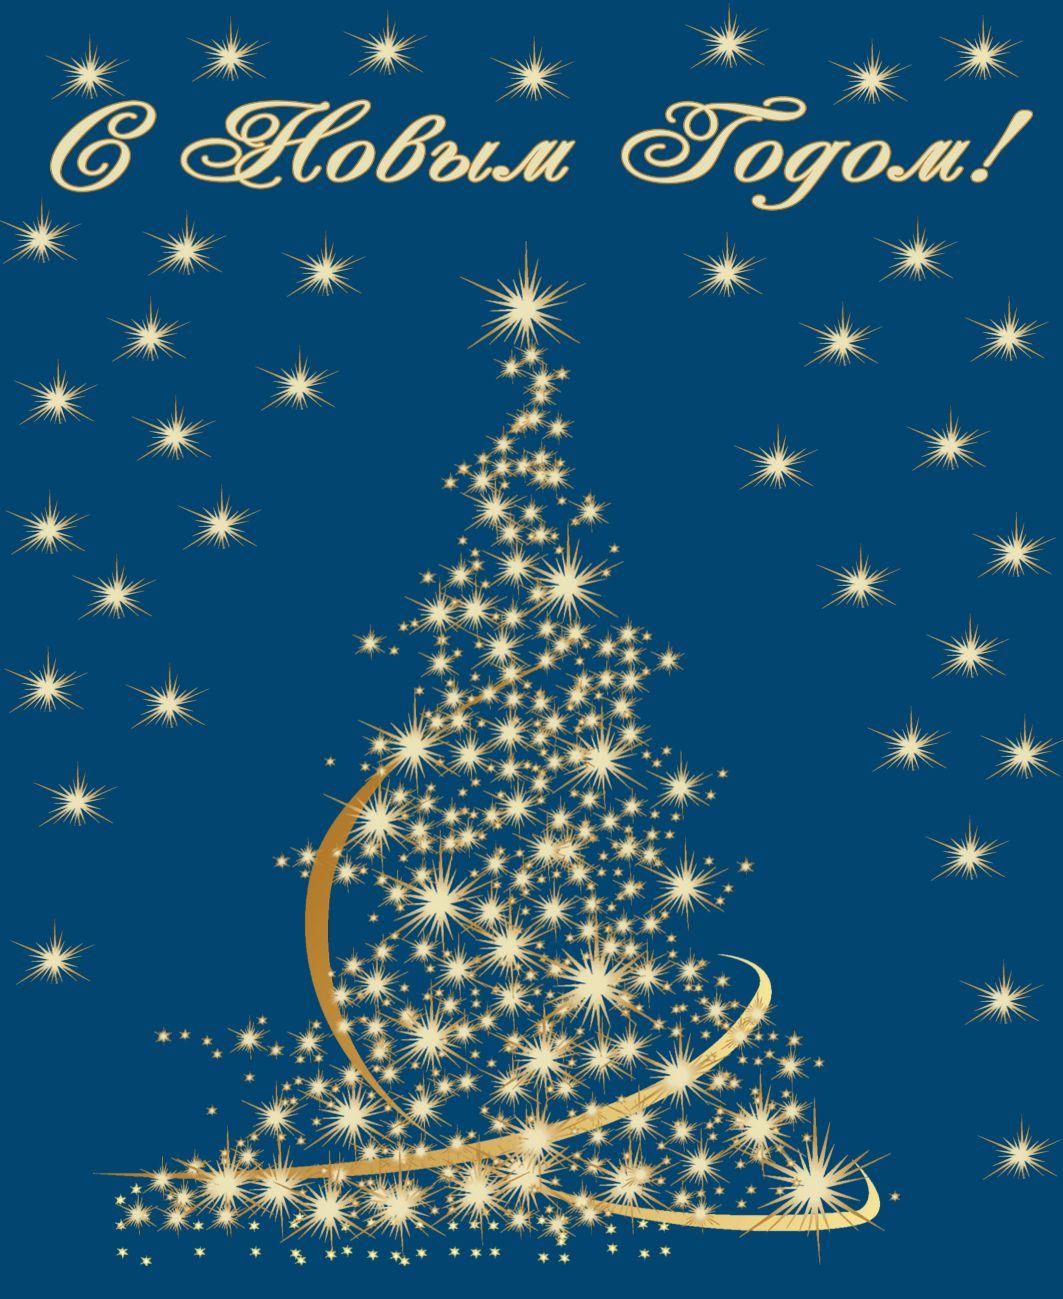 Новогодняя открытка - светящаяся ёлка на синем фоне